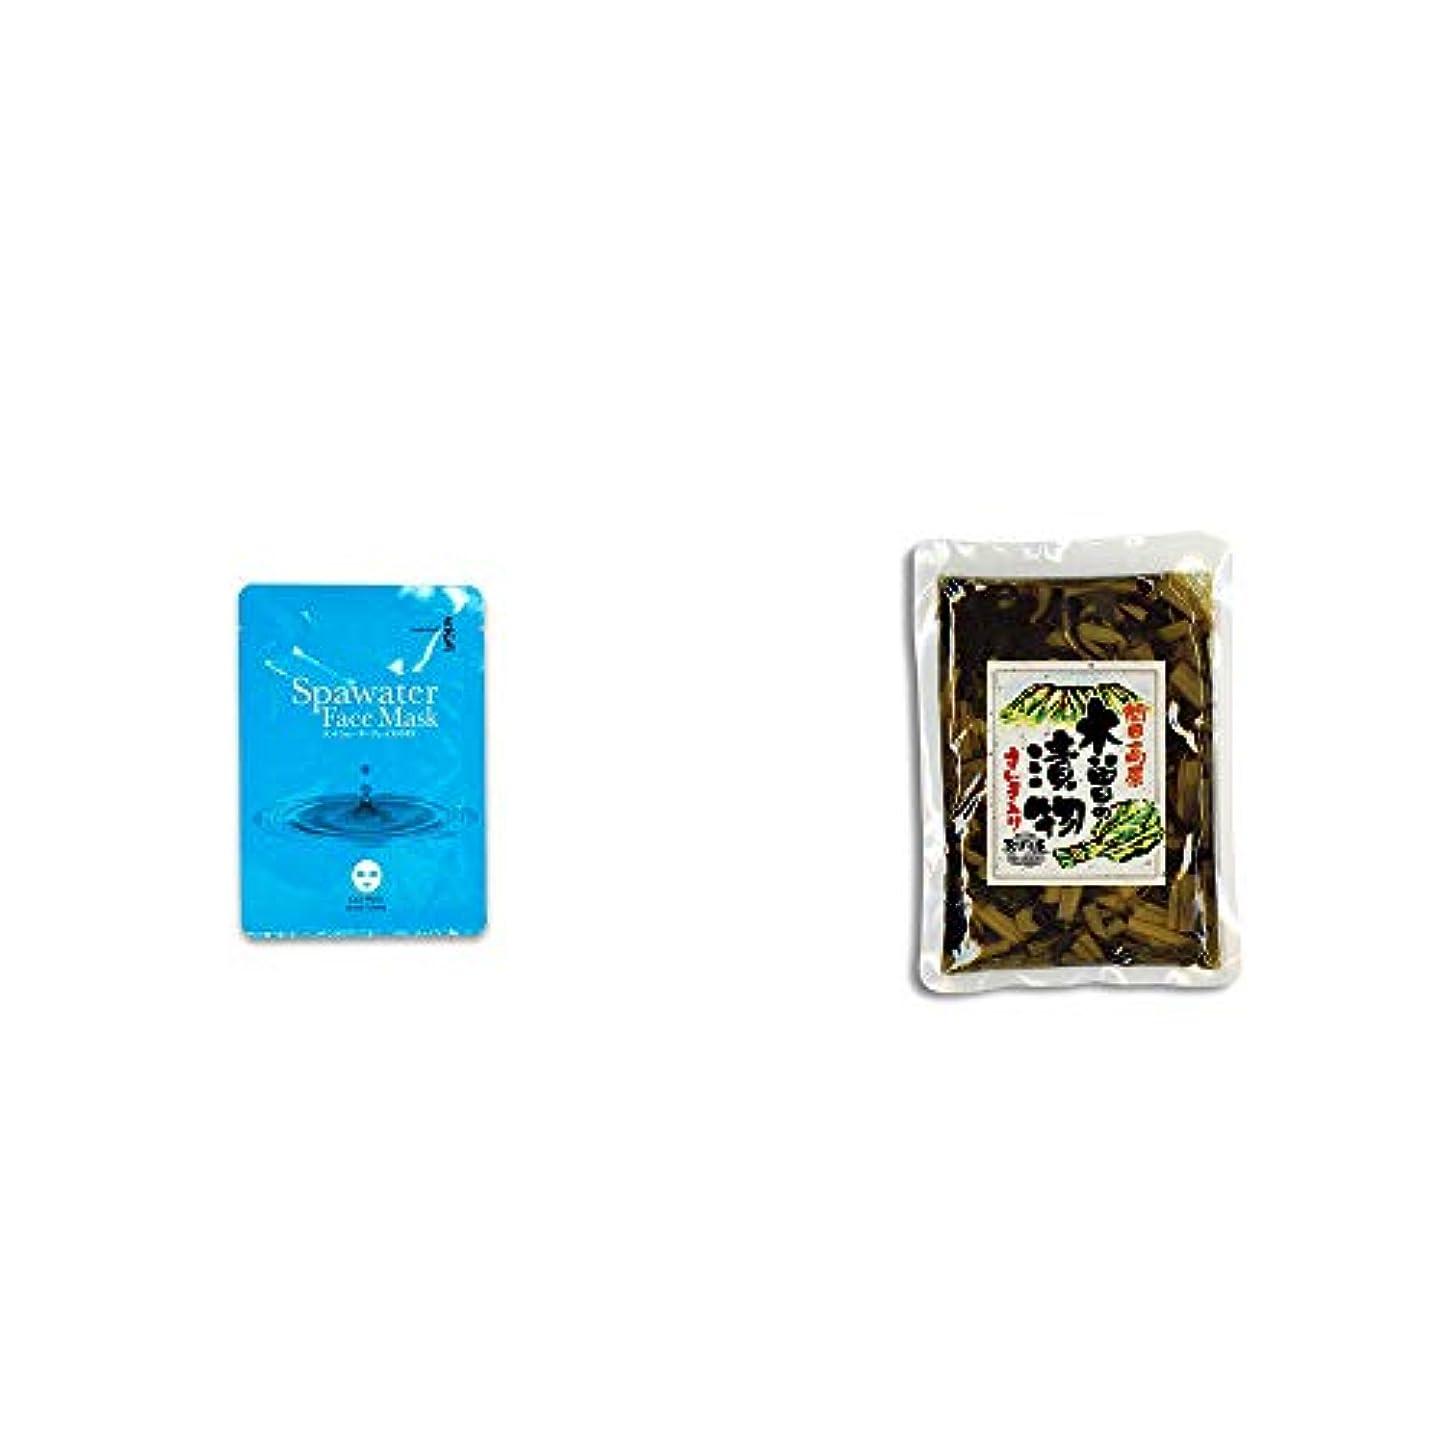 廊下上院議員乳製品[2点セット] ひのき炭黒泉 スパウォーターフェイスマスク(18ml×3枚入)?【年中販売】木曽の漬物 すんき入り(200g) / すんき漬け味付加工品 //